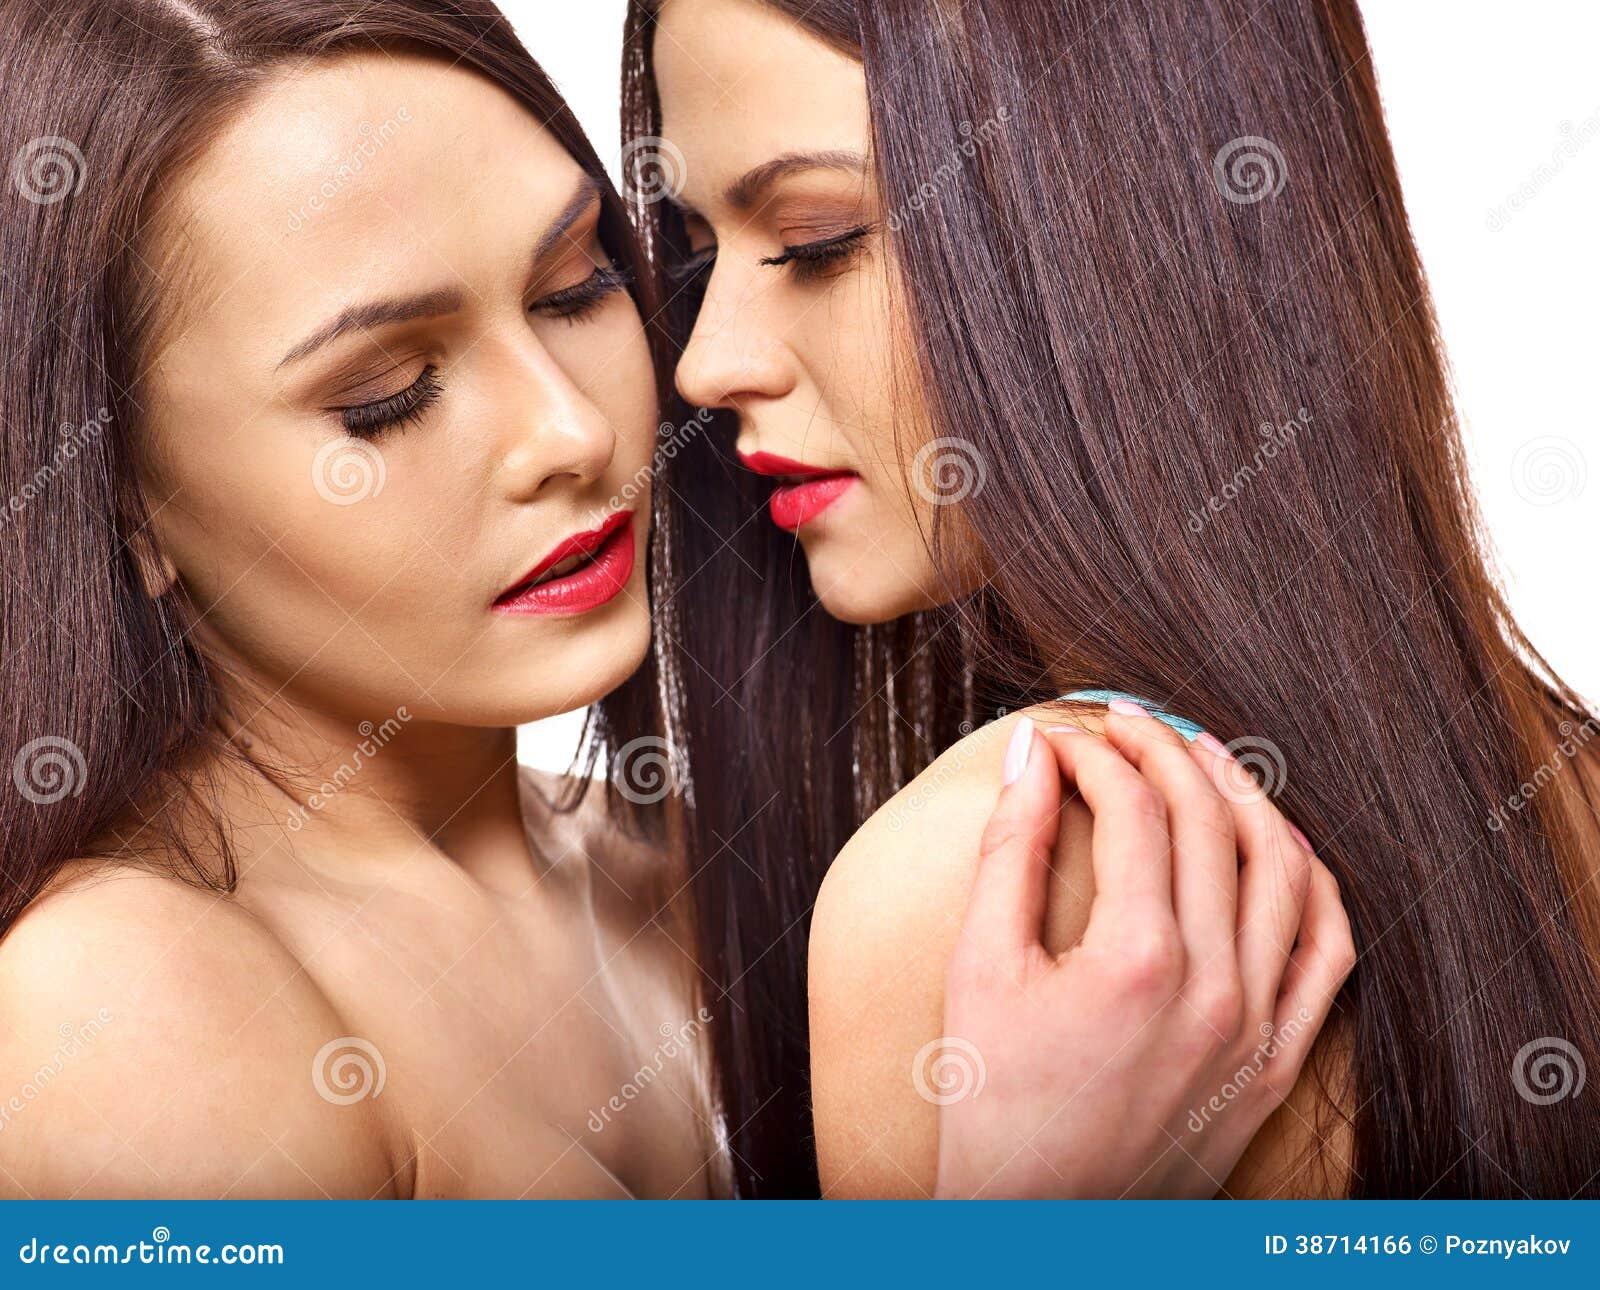 Фото телефон игры сексуальный поцелуй приключение рыжей зрелой